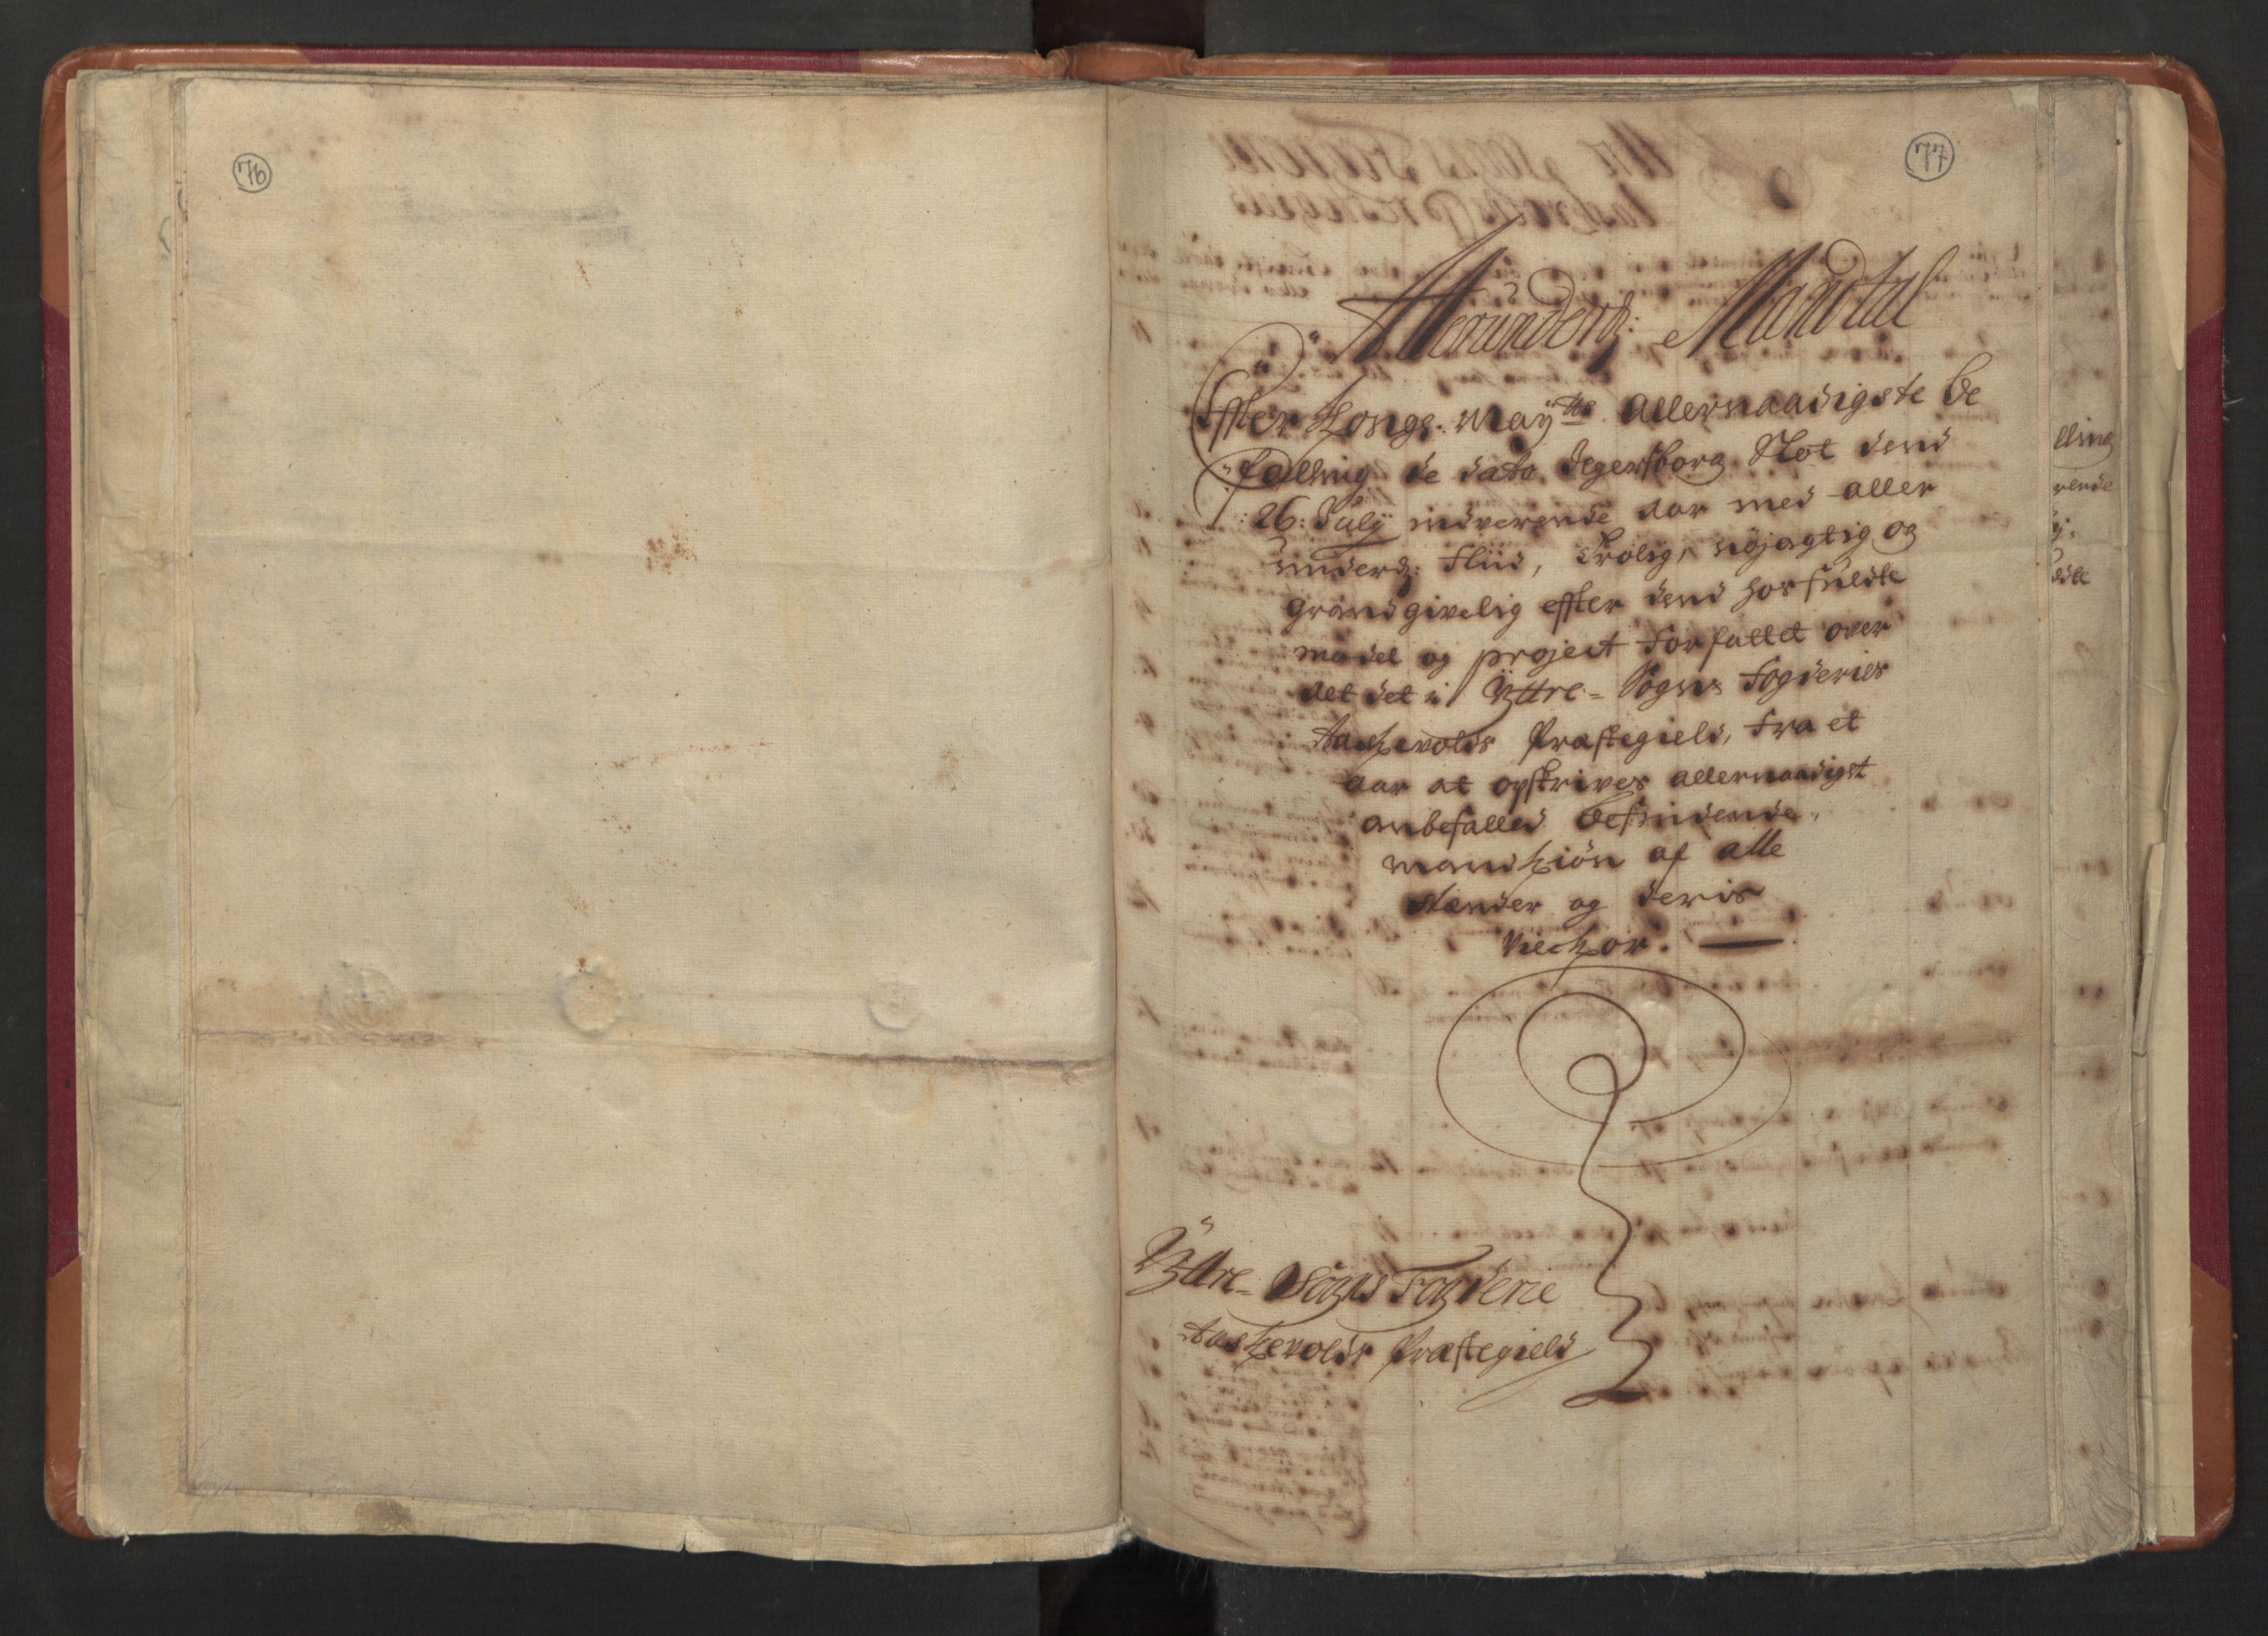 RA, Manntallet 1701, nr. 8: Ytre Sogn fogderi og Indre Sogn fogderi, 1701, s. 76-77